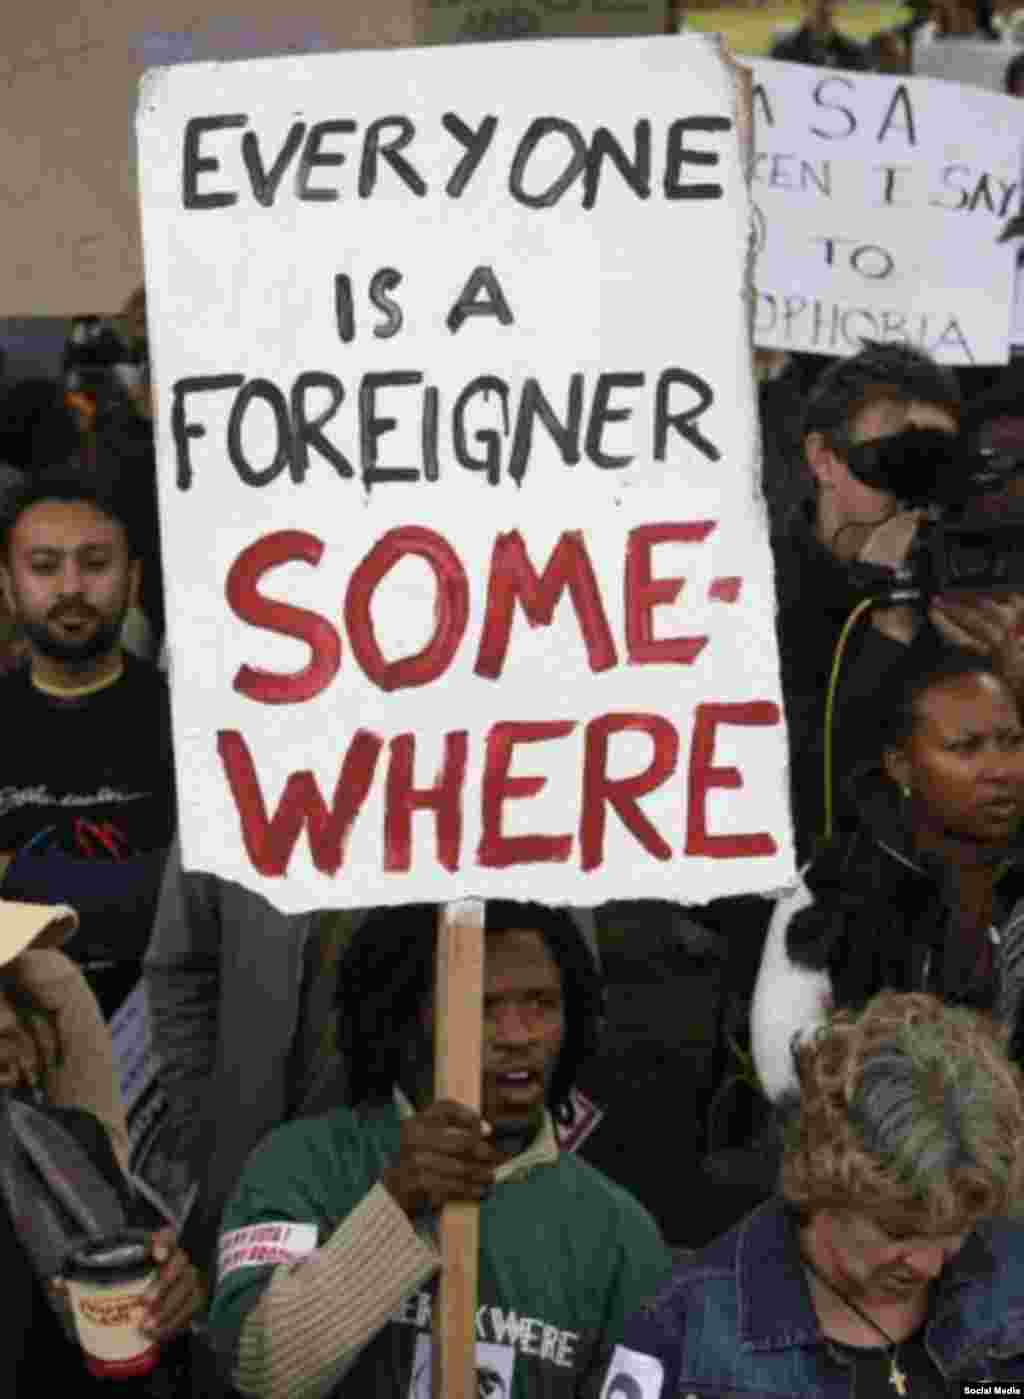 """Grupo protesta a violência com uma placa que diz """"Somos todos imigrantes em algum lugar"""""""